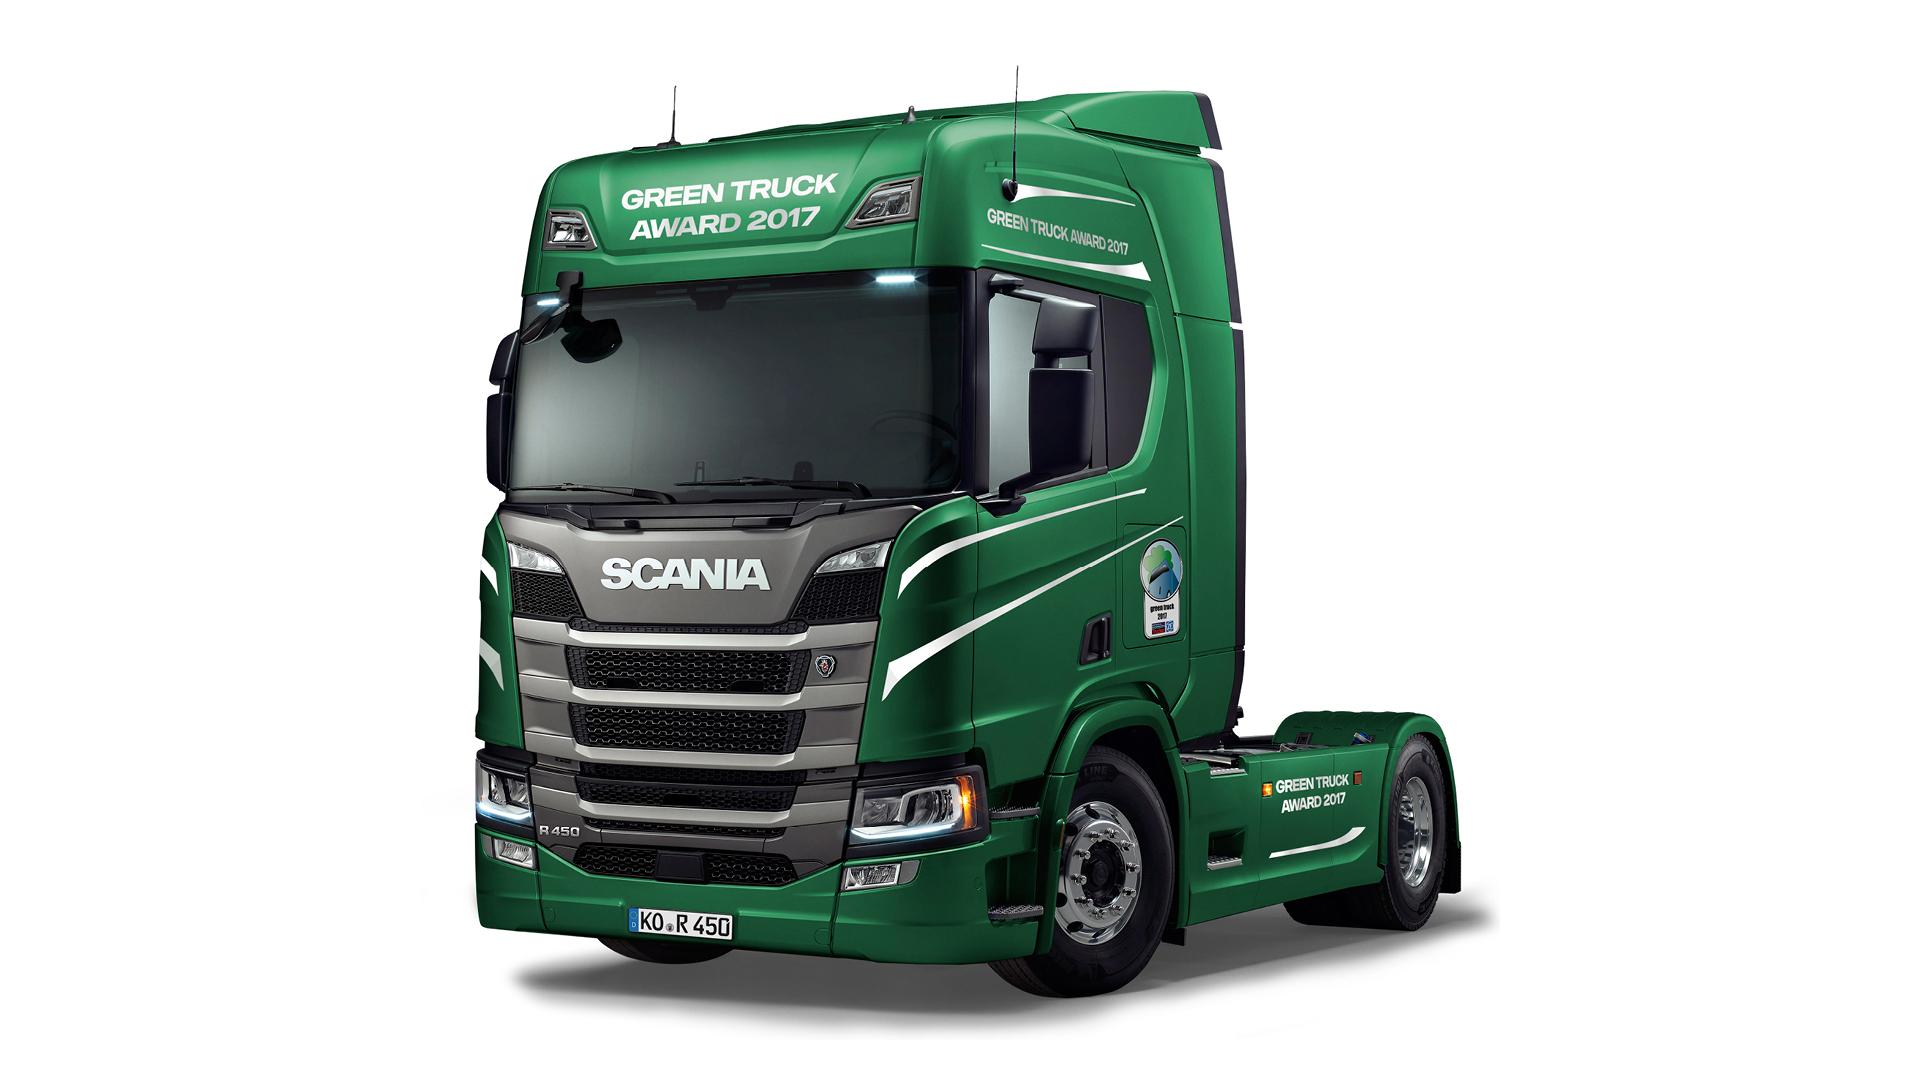 le nouveau scania r450 se place en t te du classement environnemental et est nomm green truck. Black Bedroom Furniture Sets. Home Design Ideas